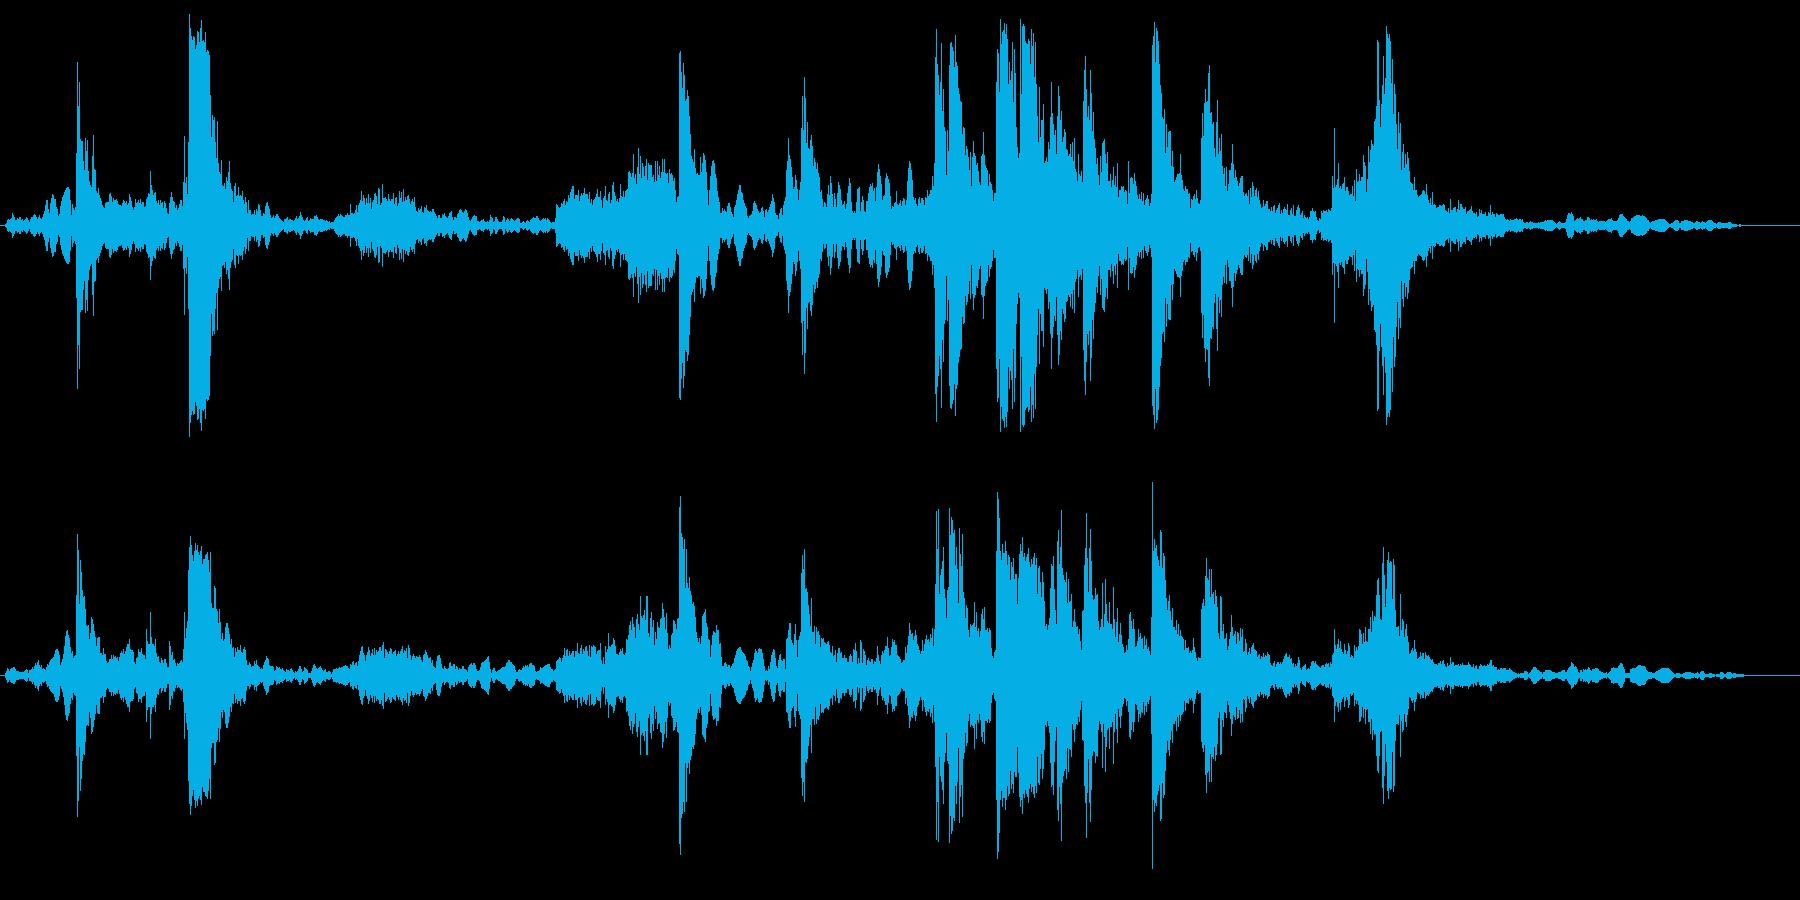 ガチャガチャ、と何かを動かす音の再生済みの波形